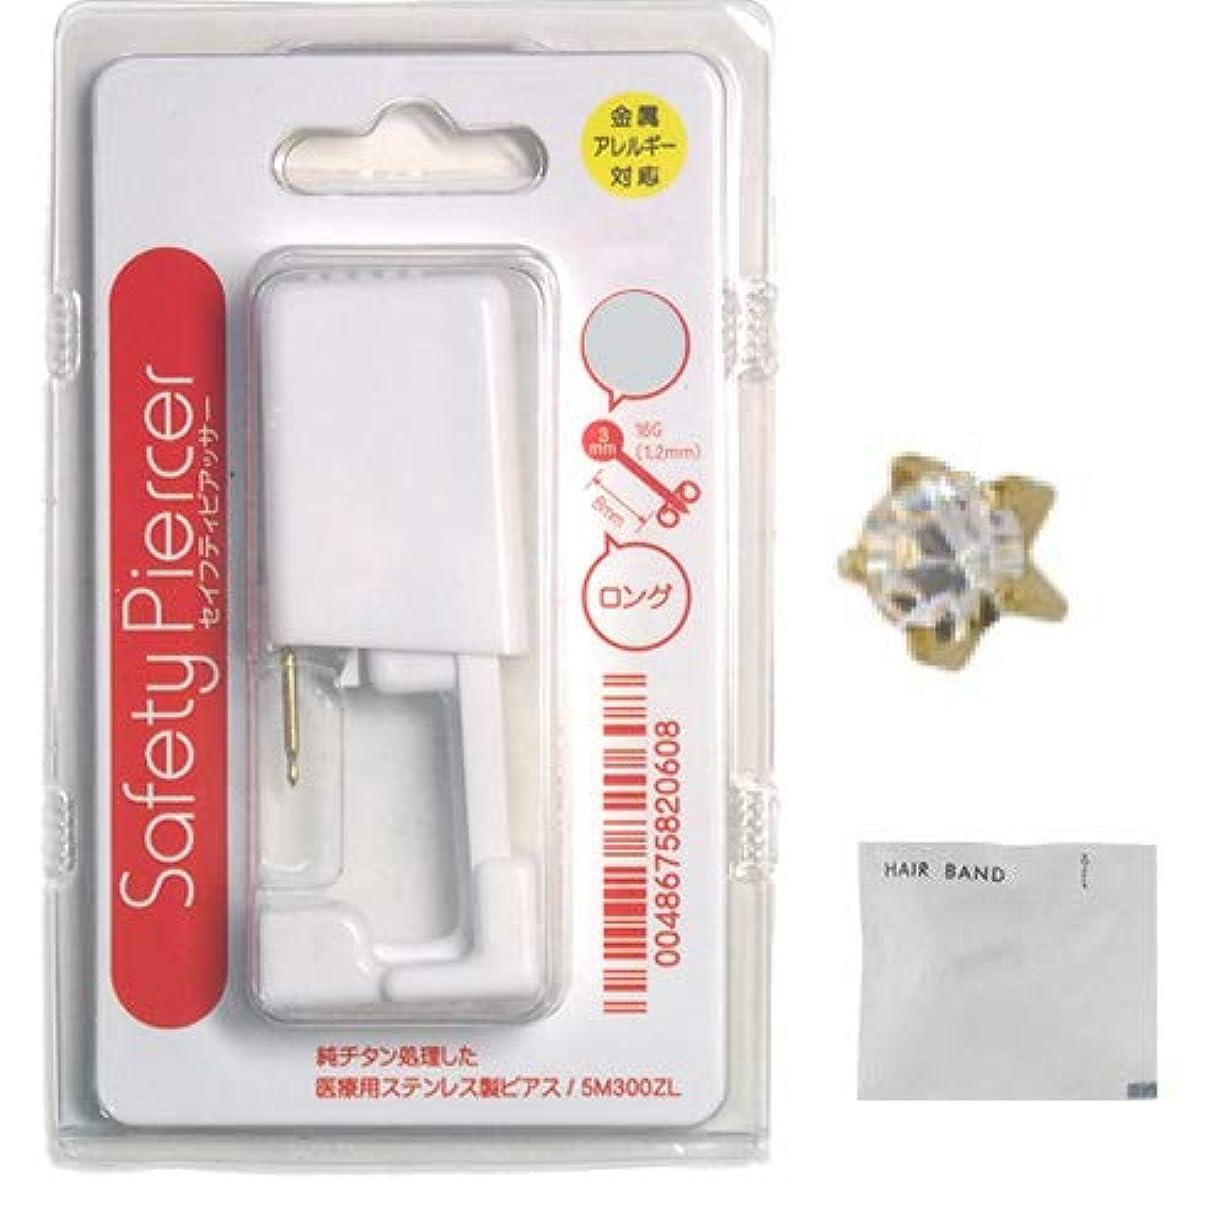 年金慣習帰するセイフティピアッサー シャンパンゴールド チタンロングタイプ(片耳用) 5M104WL 4月ダイヤモンド+ ヘアゴム(カラーはおまかせ)セット